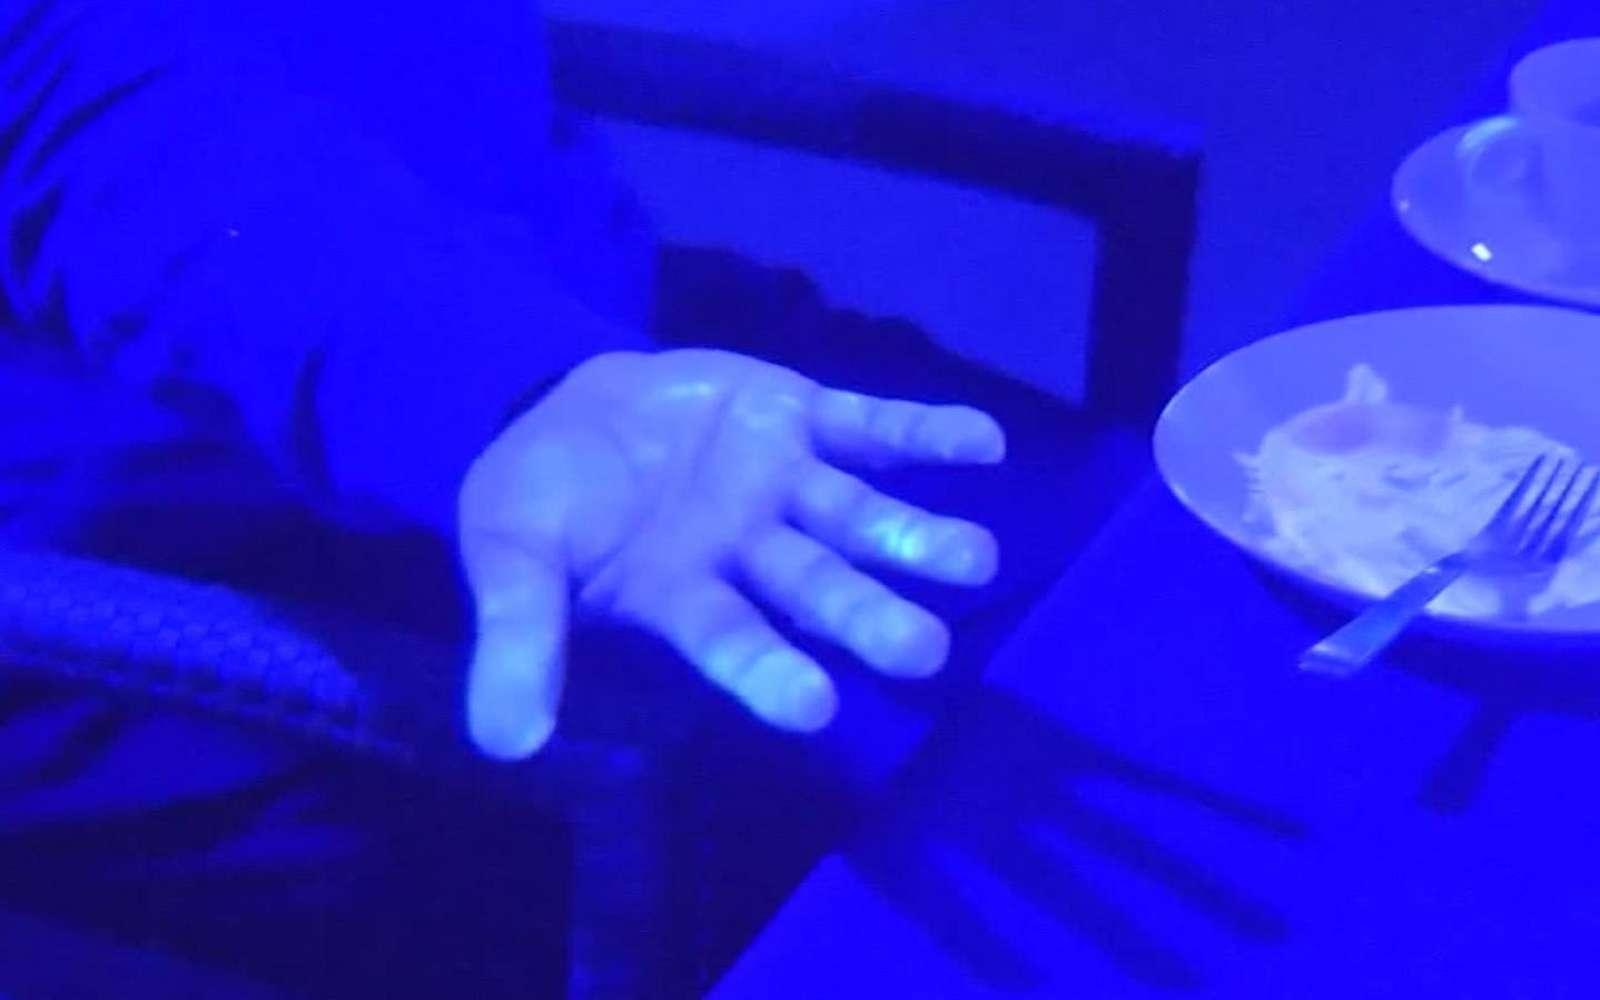 Grâce à la lumière noire, un média japonais met en évidence la propagation du coronavirus lors d'un repas partagé. © NHK News